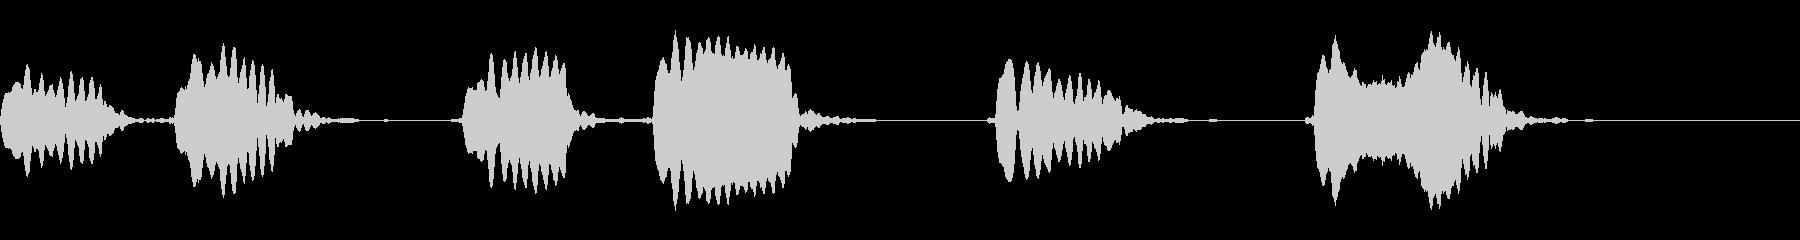 ピピッピピッピッピ!◇ホイッスル、笛の未再生の波形